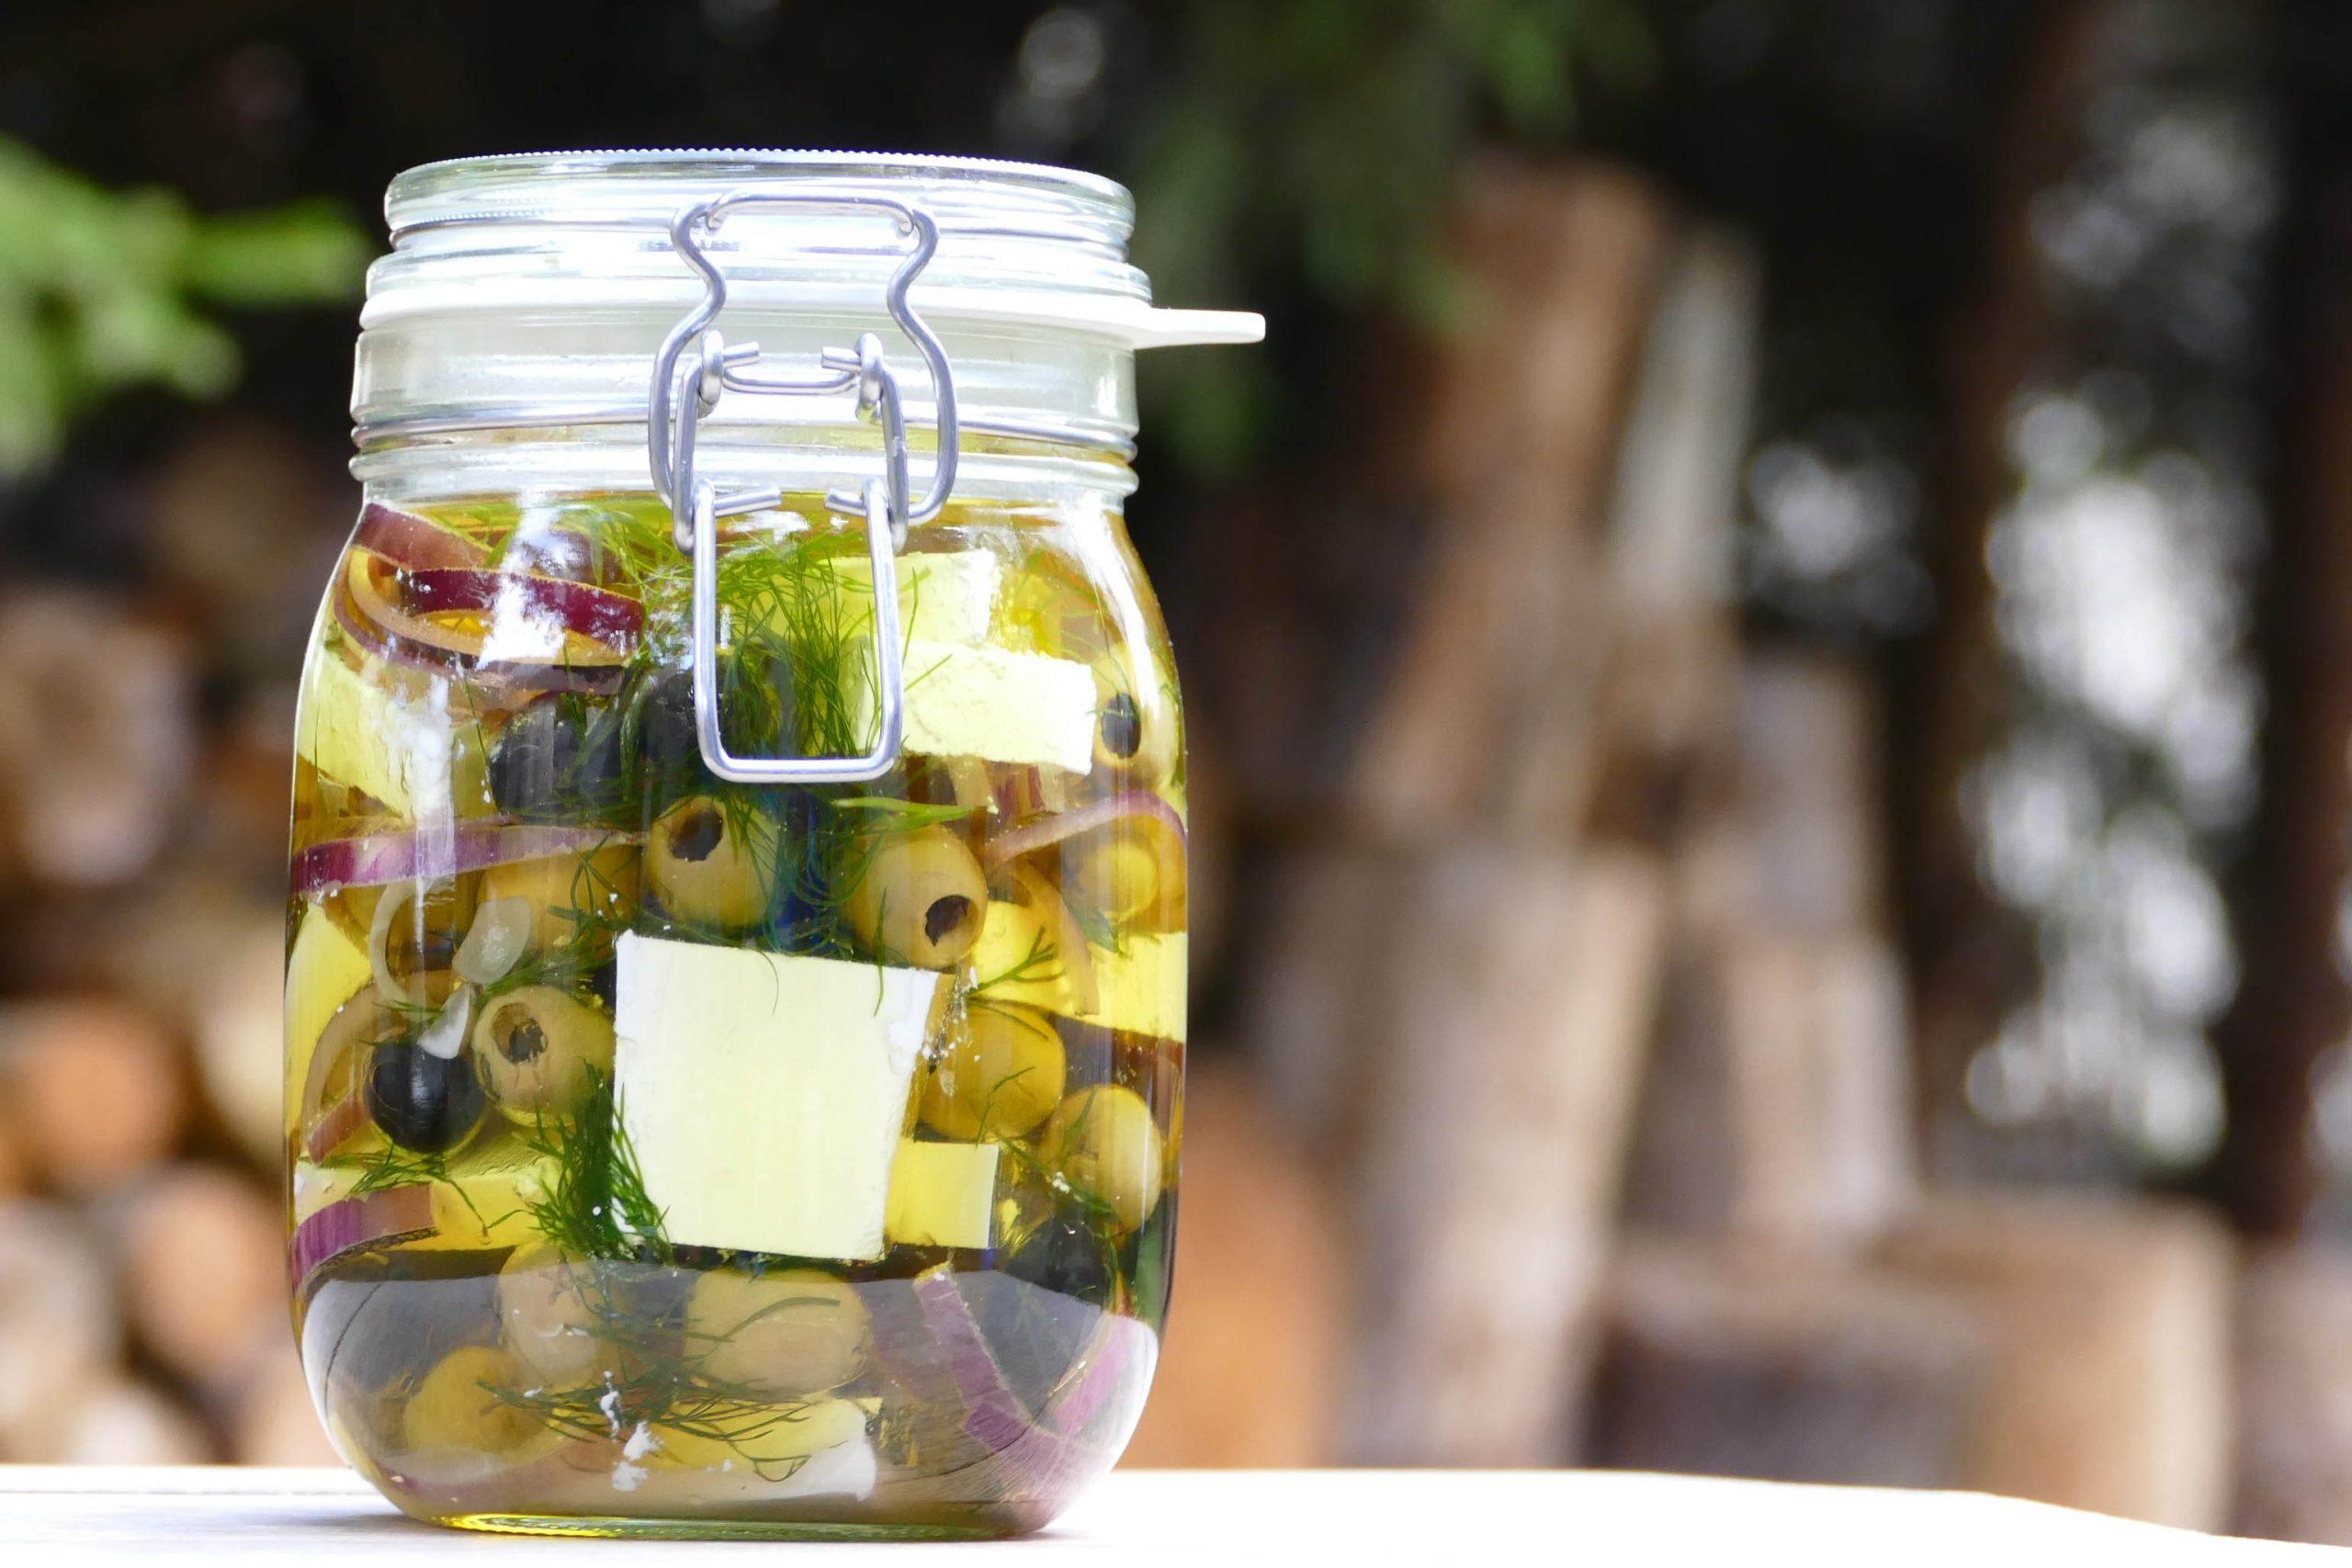 Nakládaný balkánský sýr s olivami a koprem 1 l - 379 Kč + 100 Kč záloha